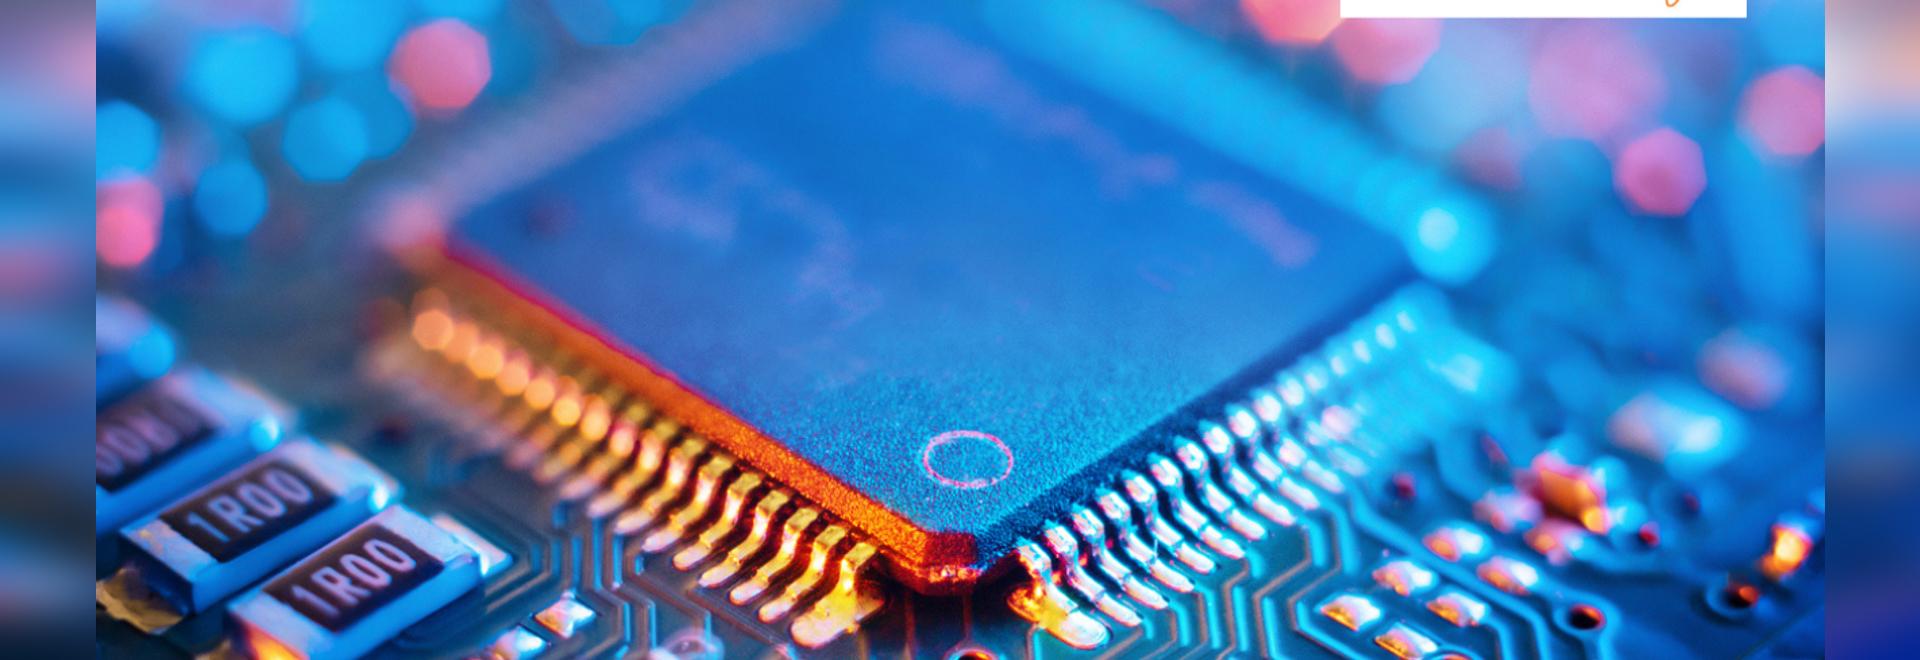 Le 15 septembre marque la fin d'une période transitoire, après laquelle Washington exercera un contrôle sur la vente de tout composant électronique contenant une technologie américaine au champion ...